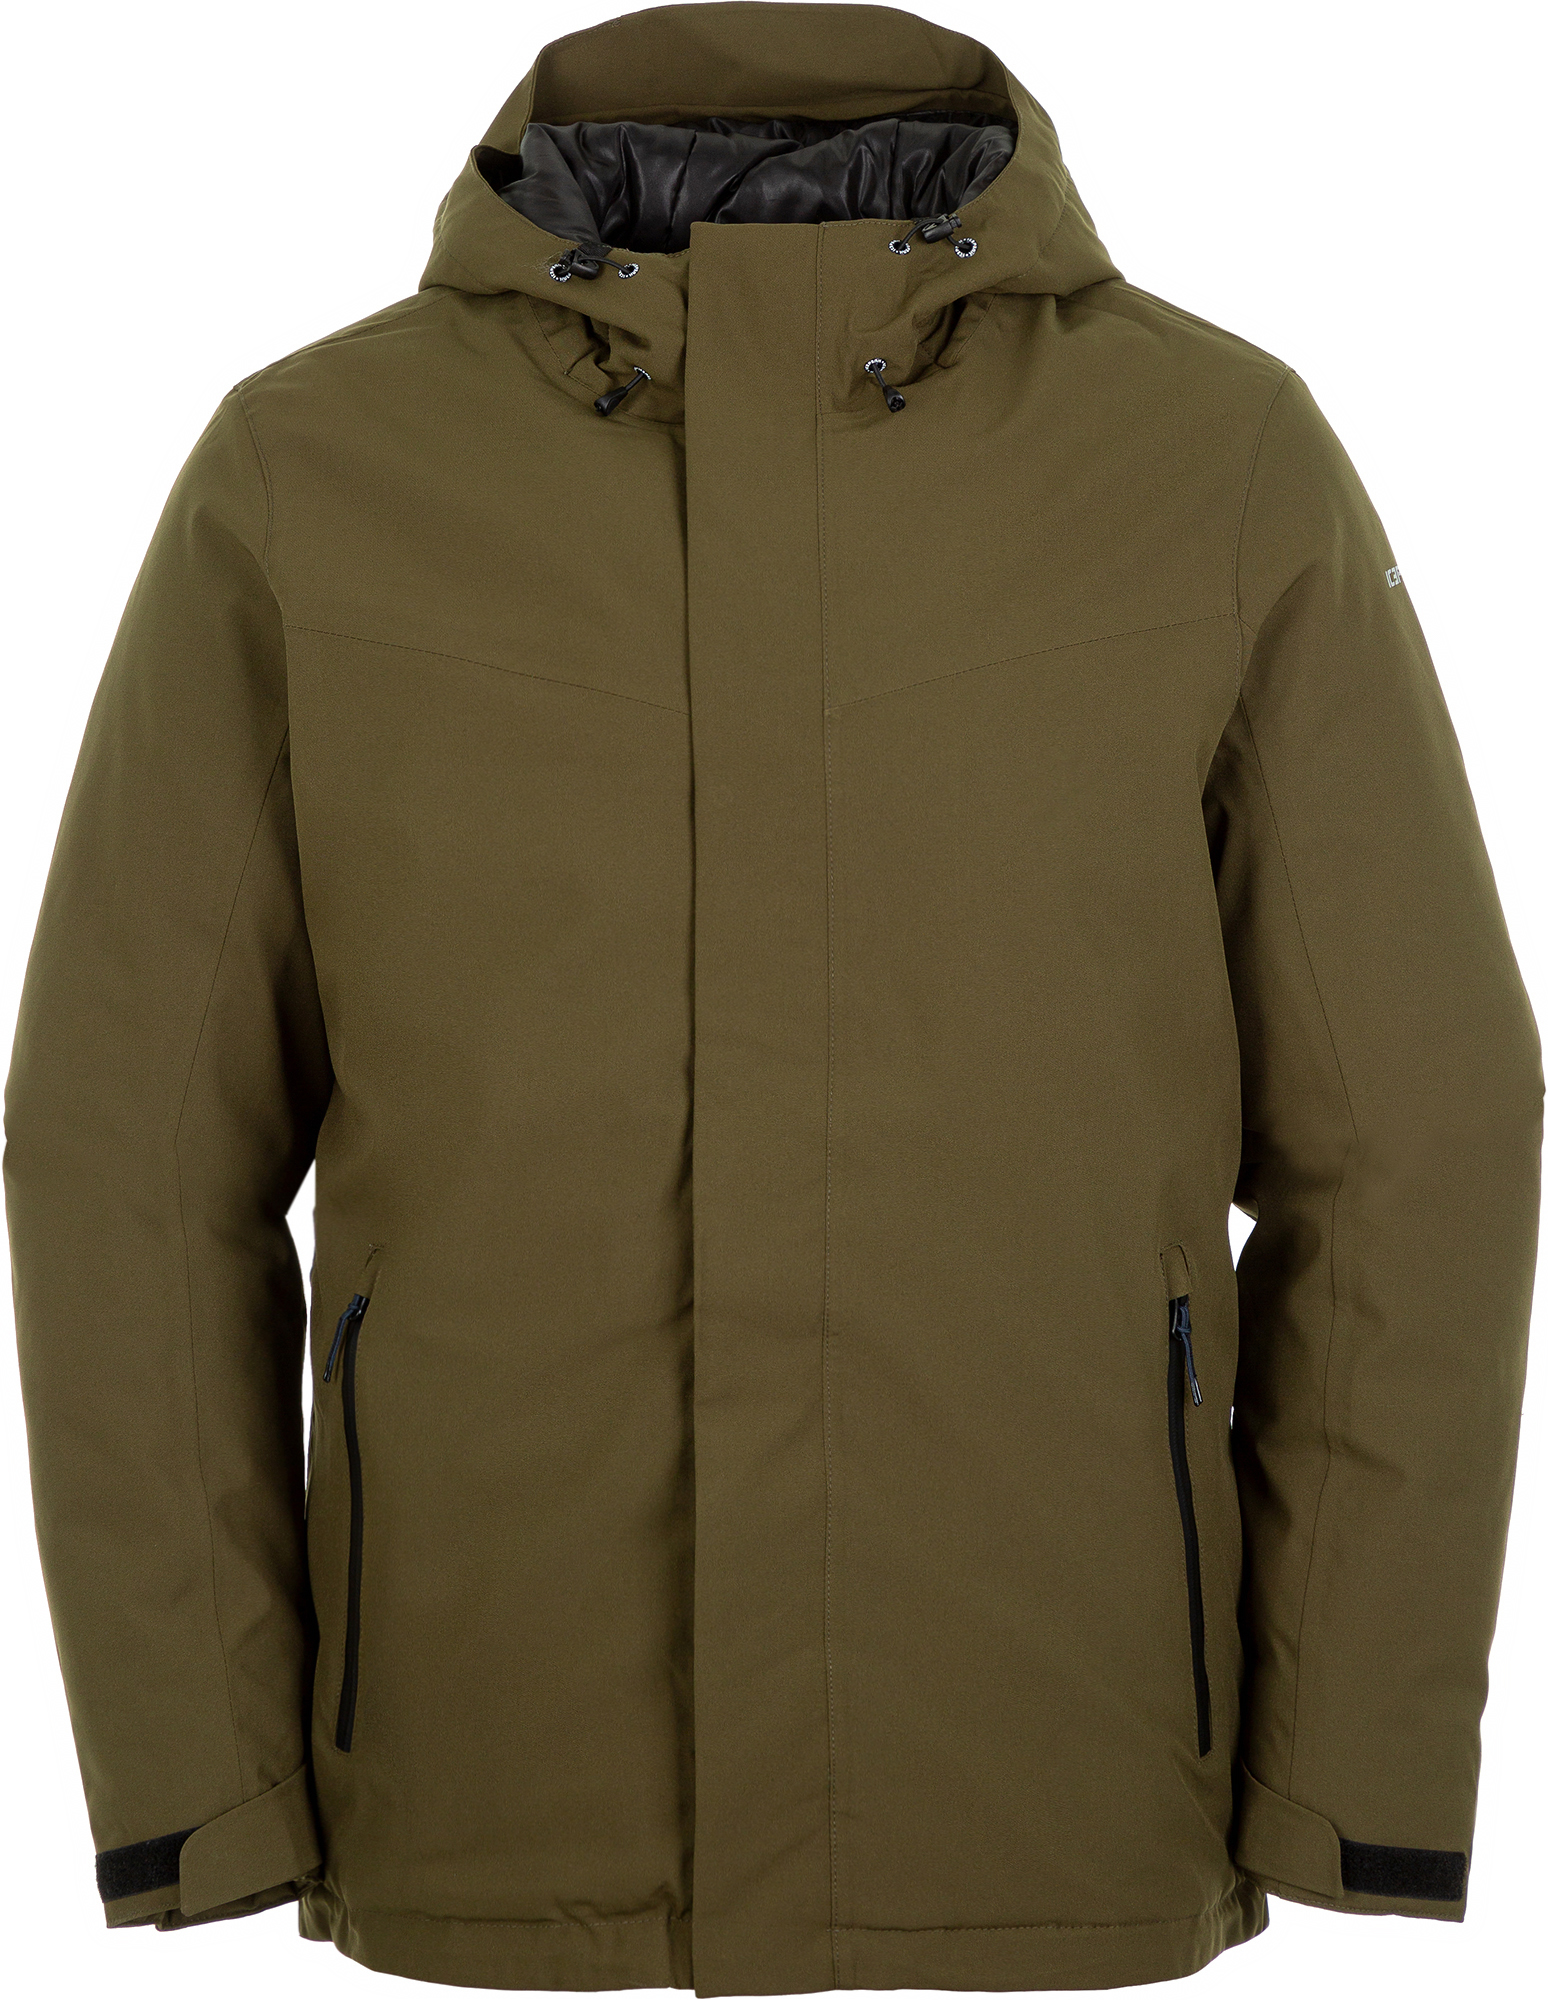 цена IcePeak Куртка утепленная мужская IcePeak Pinesdale, размер 56 онлайн в 2017 году